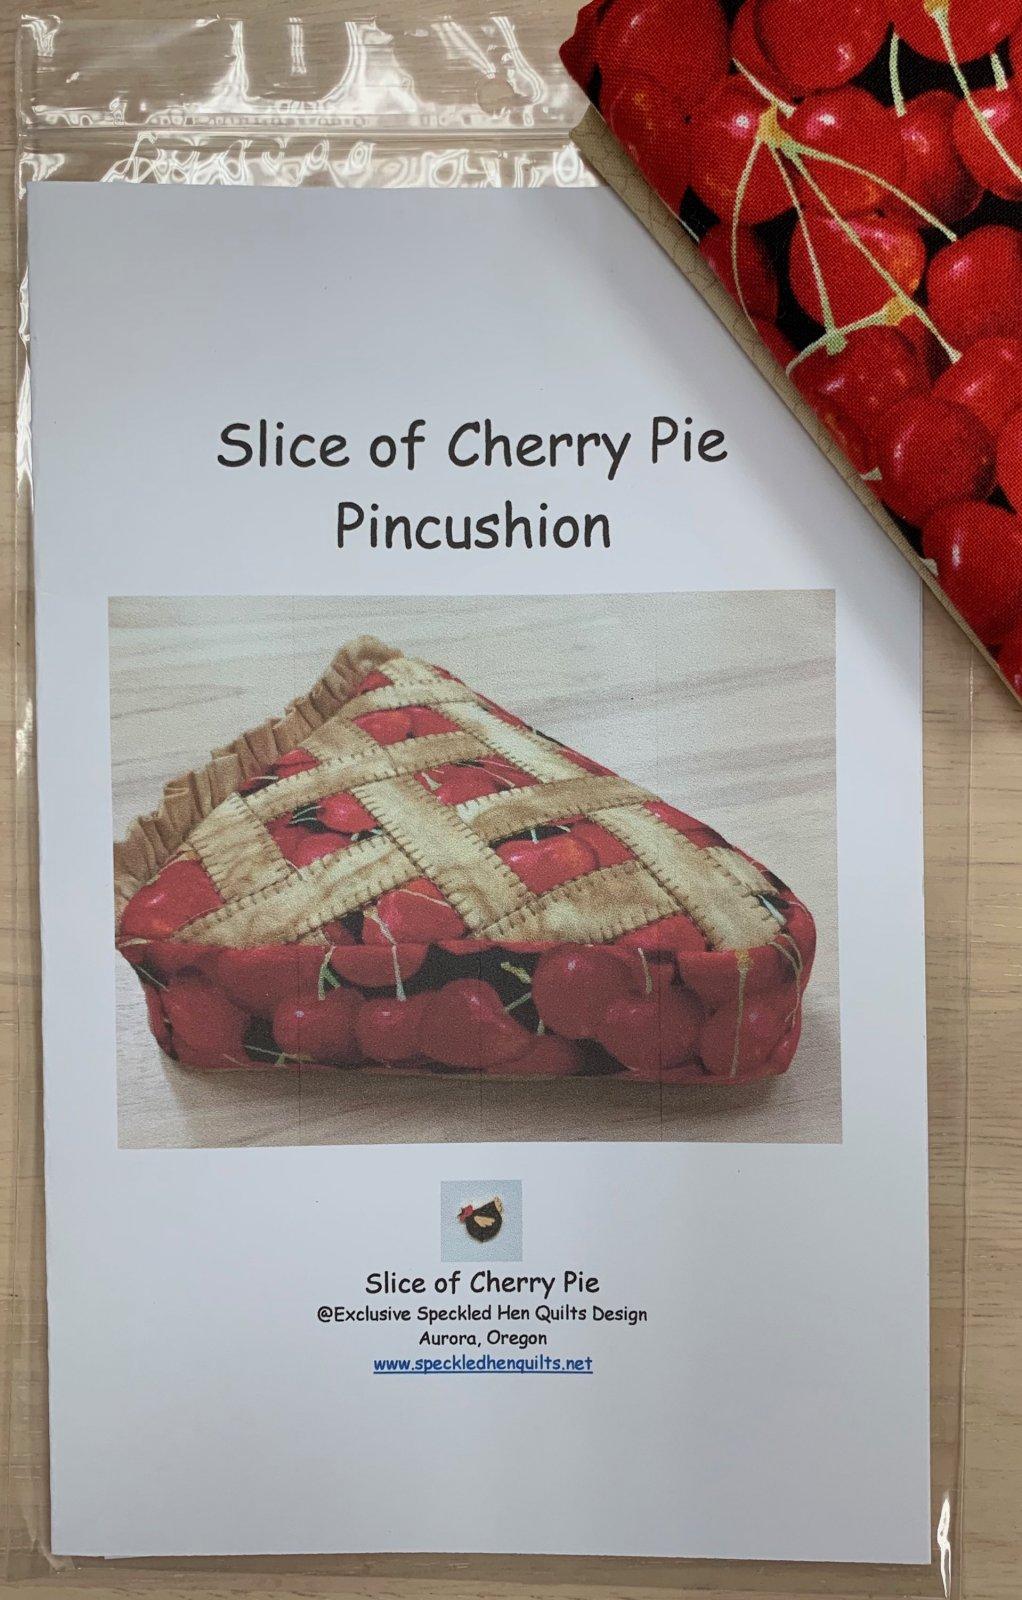 Slice of Cherry Pie Pincushion